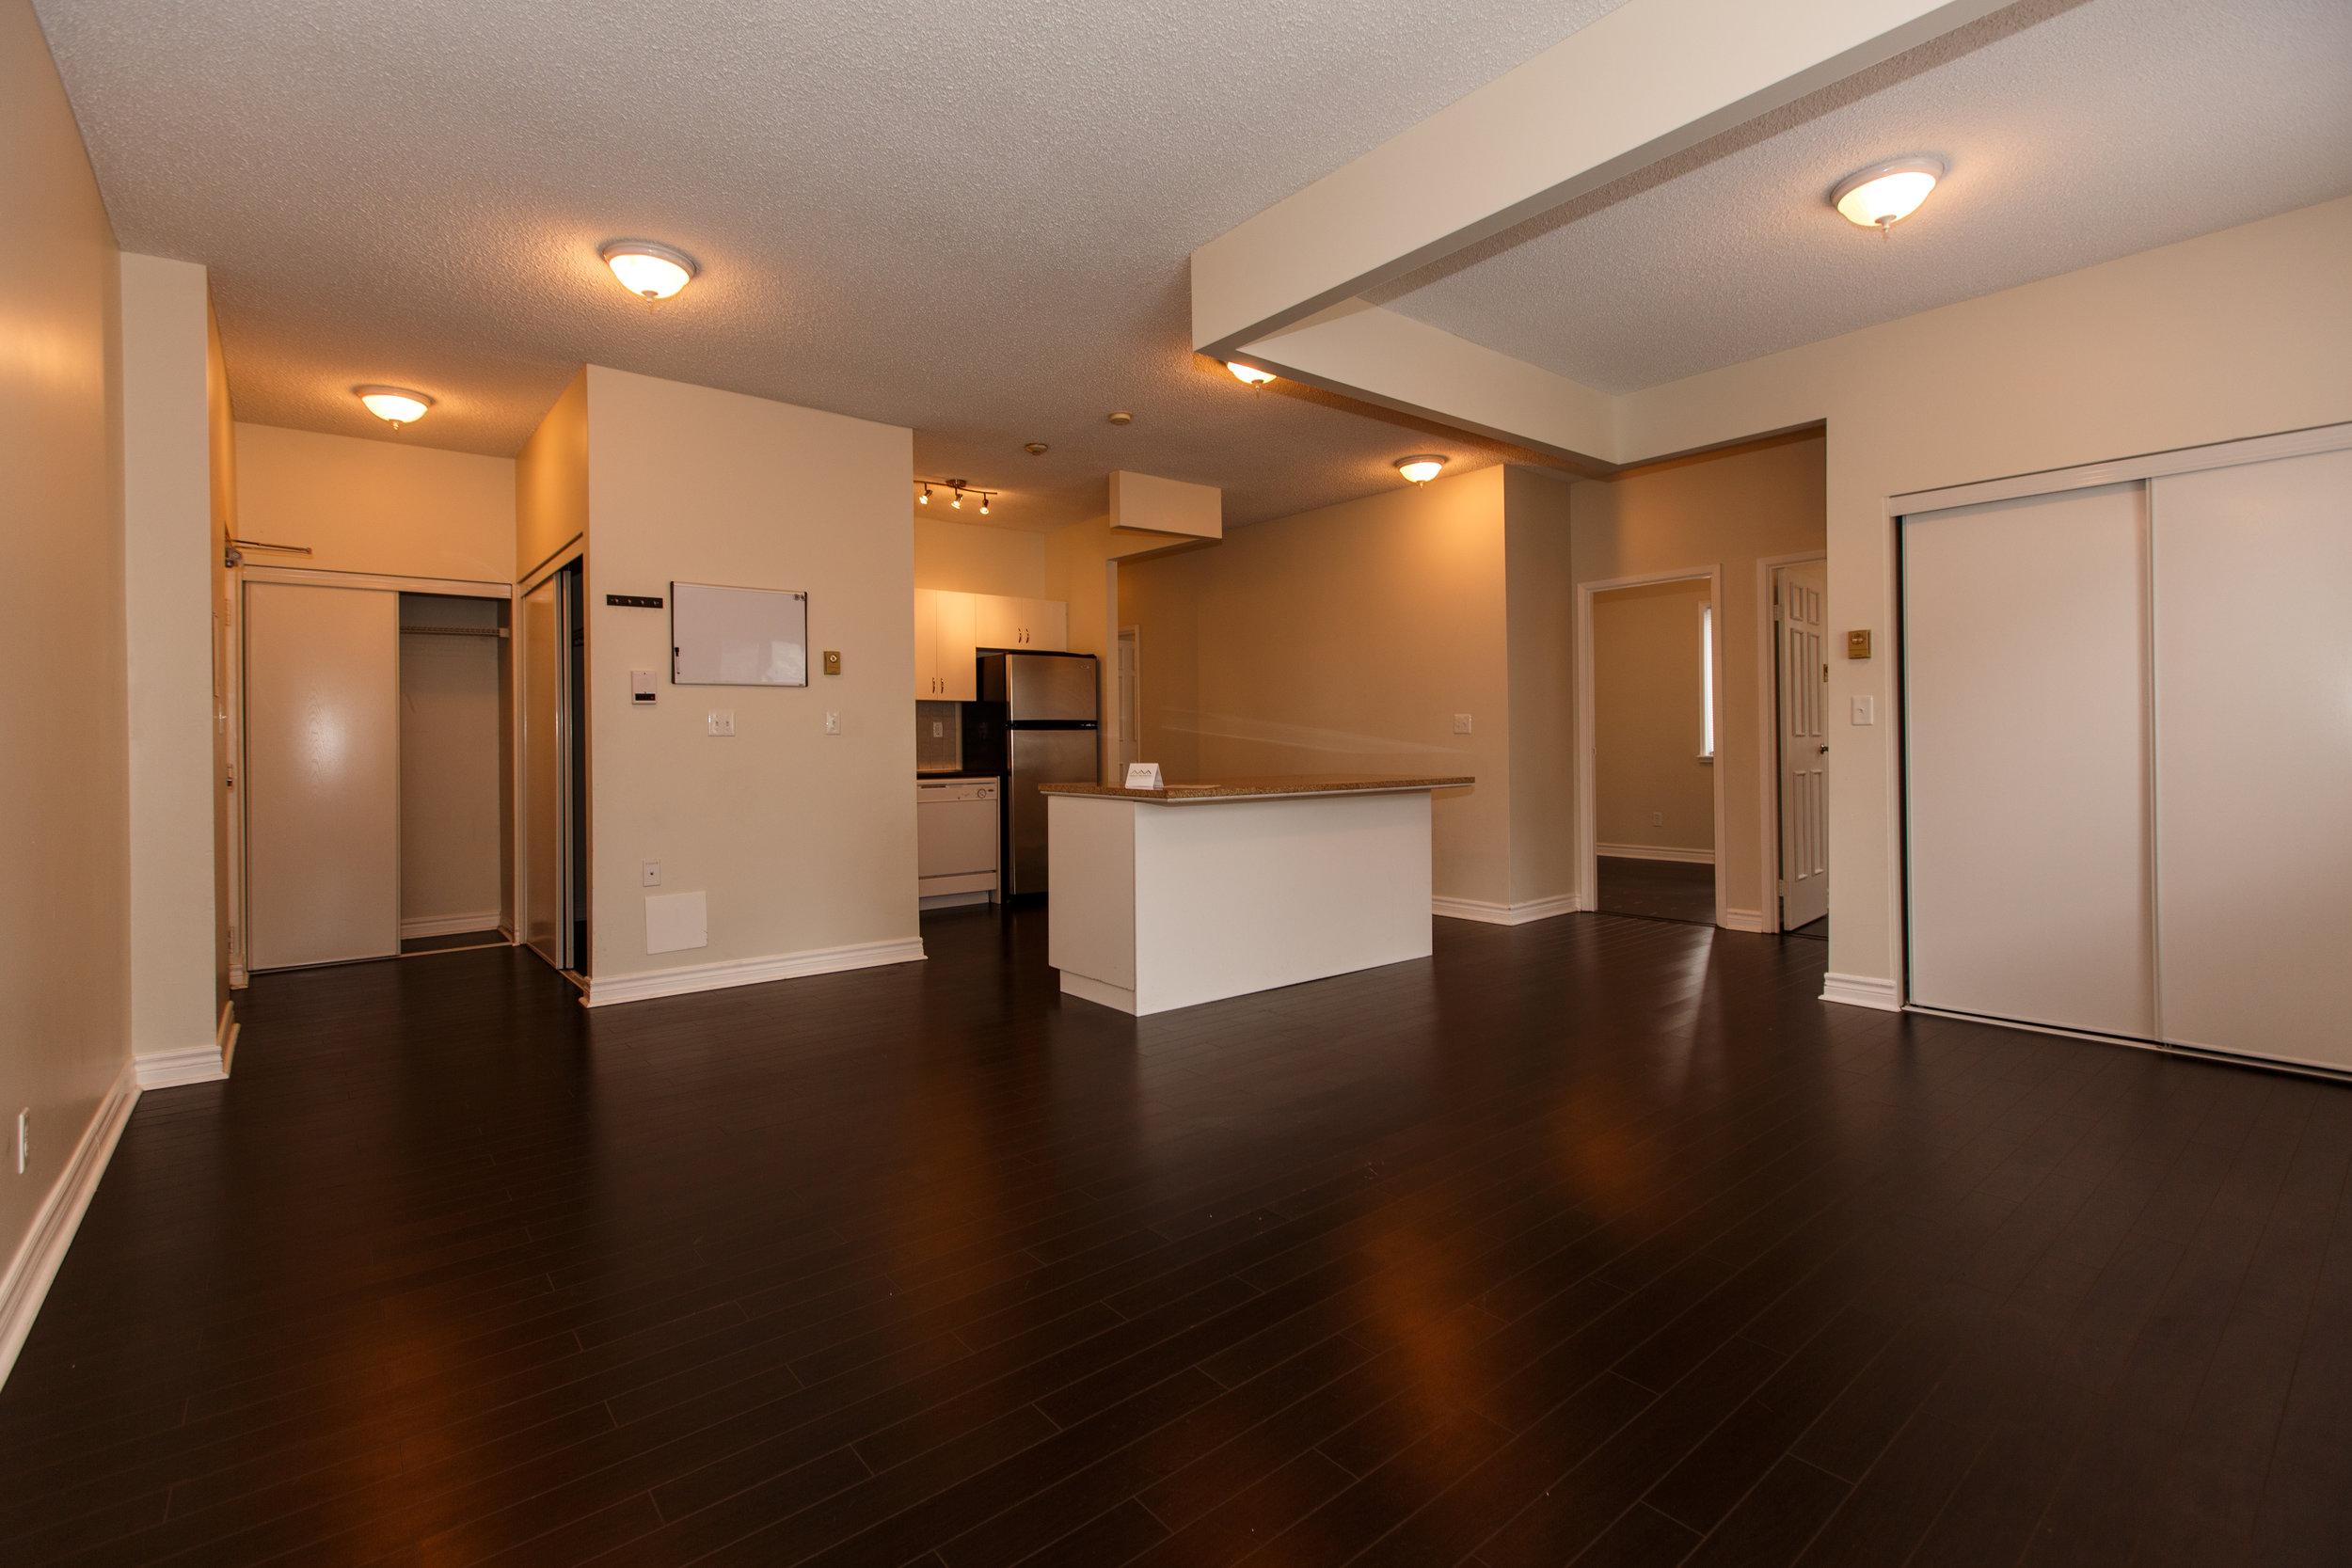 311 Queen St. _u007c_ Living Room Photo looking towards open concept Kitchen and Hallways.jpg